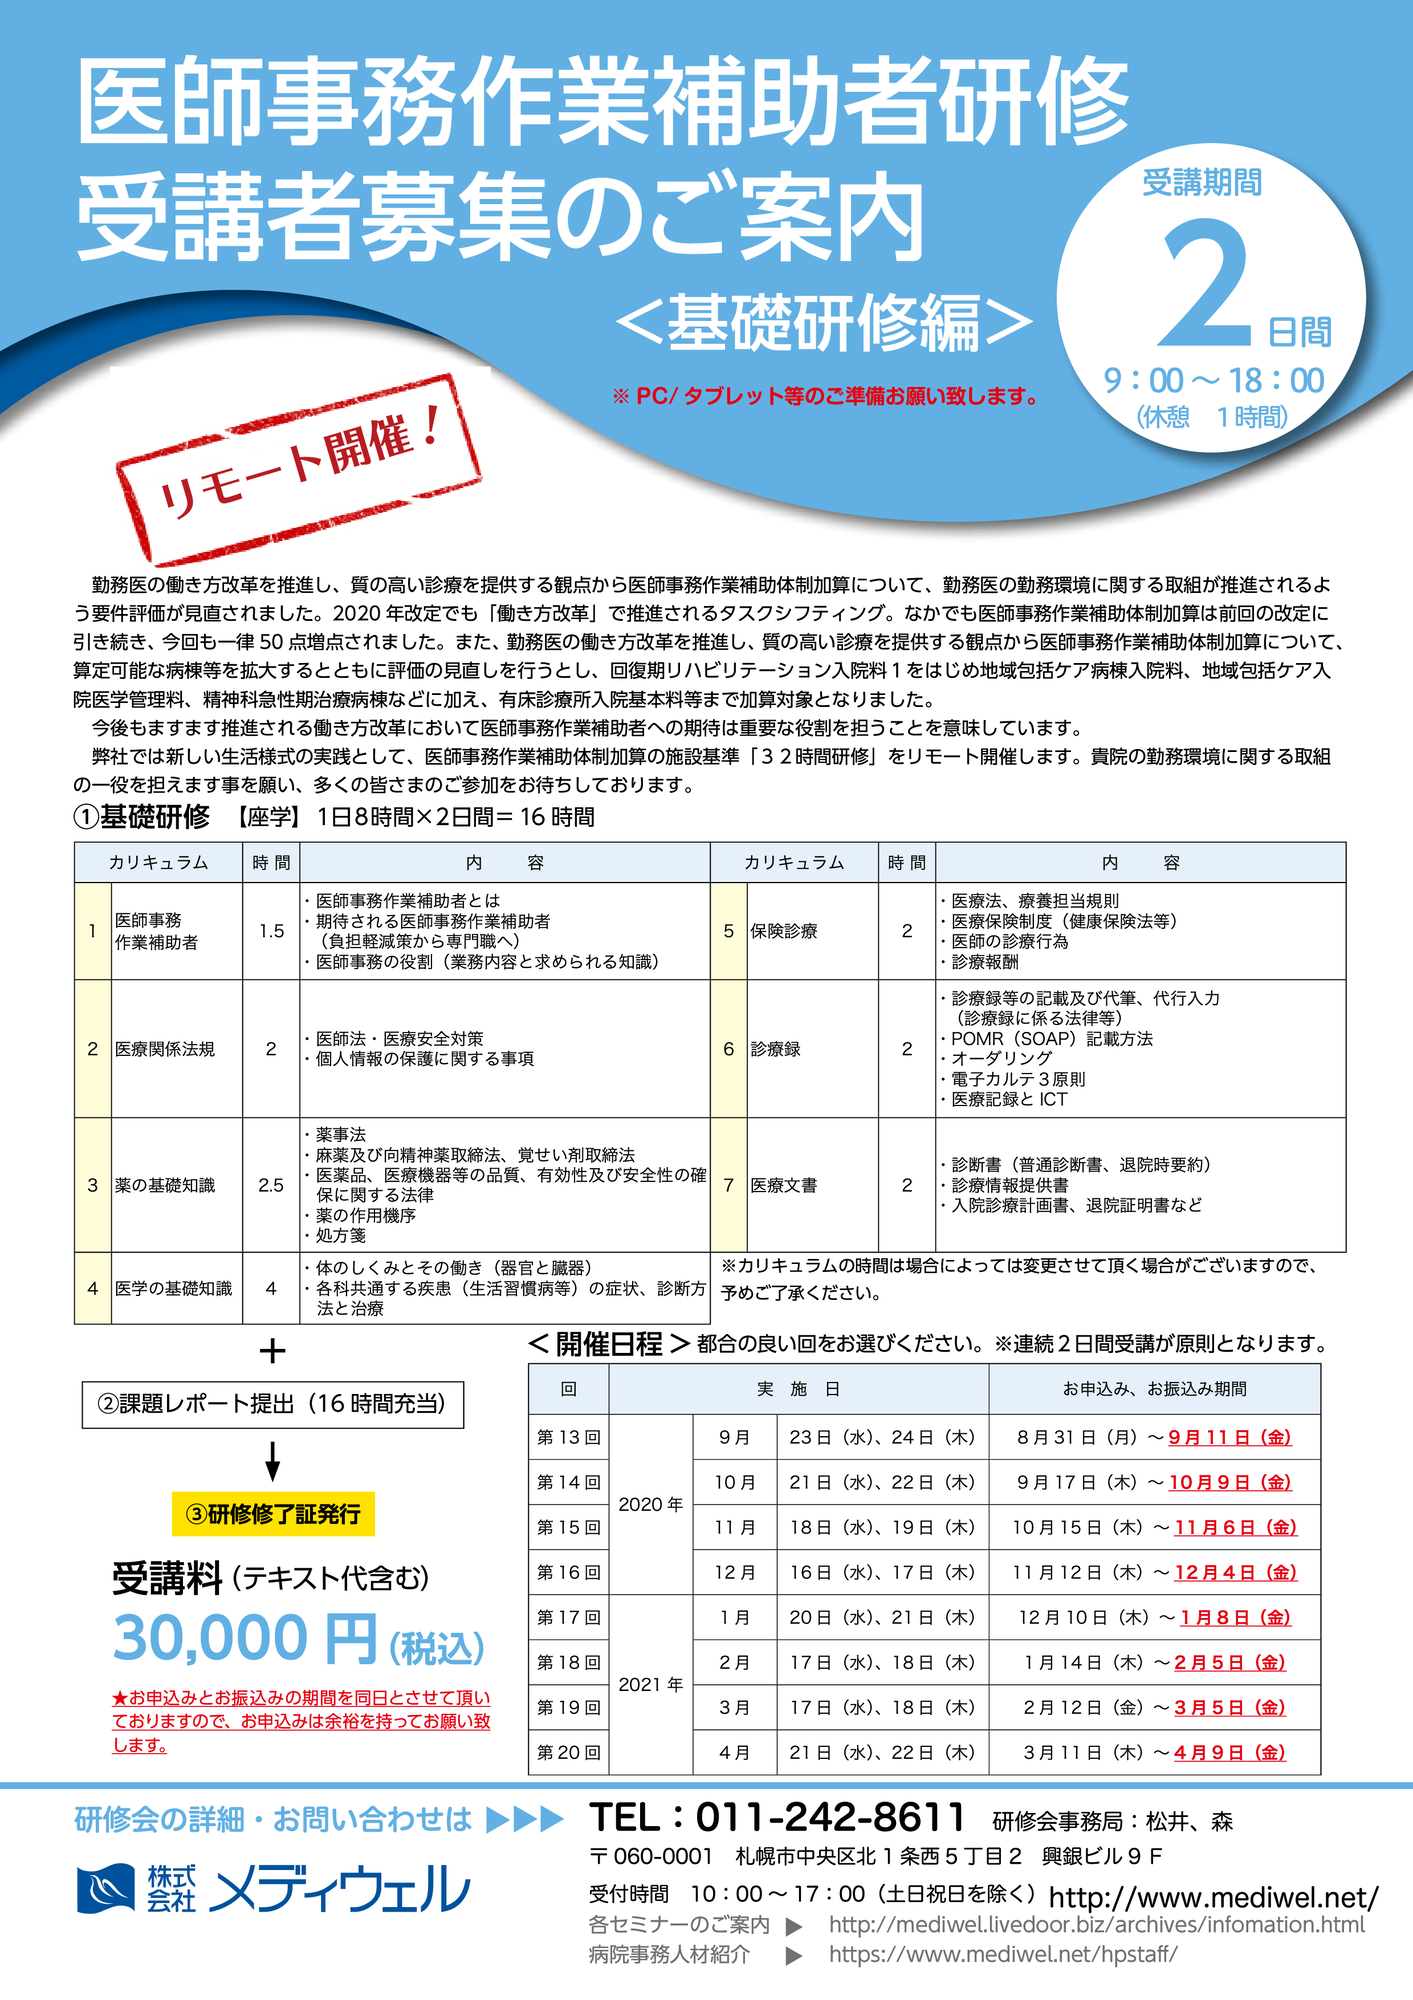 医師事務作業補助者研修会申込書【基礎研修編】年間-001